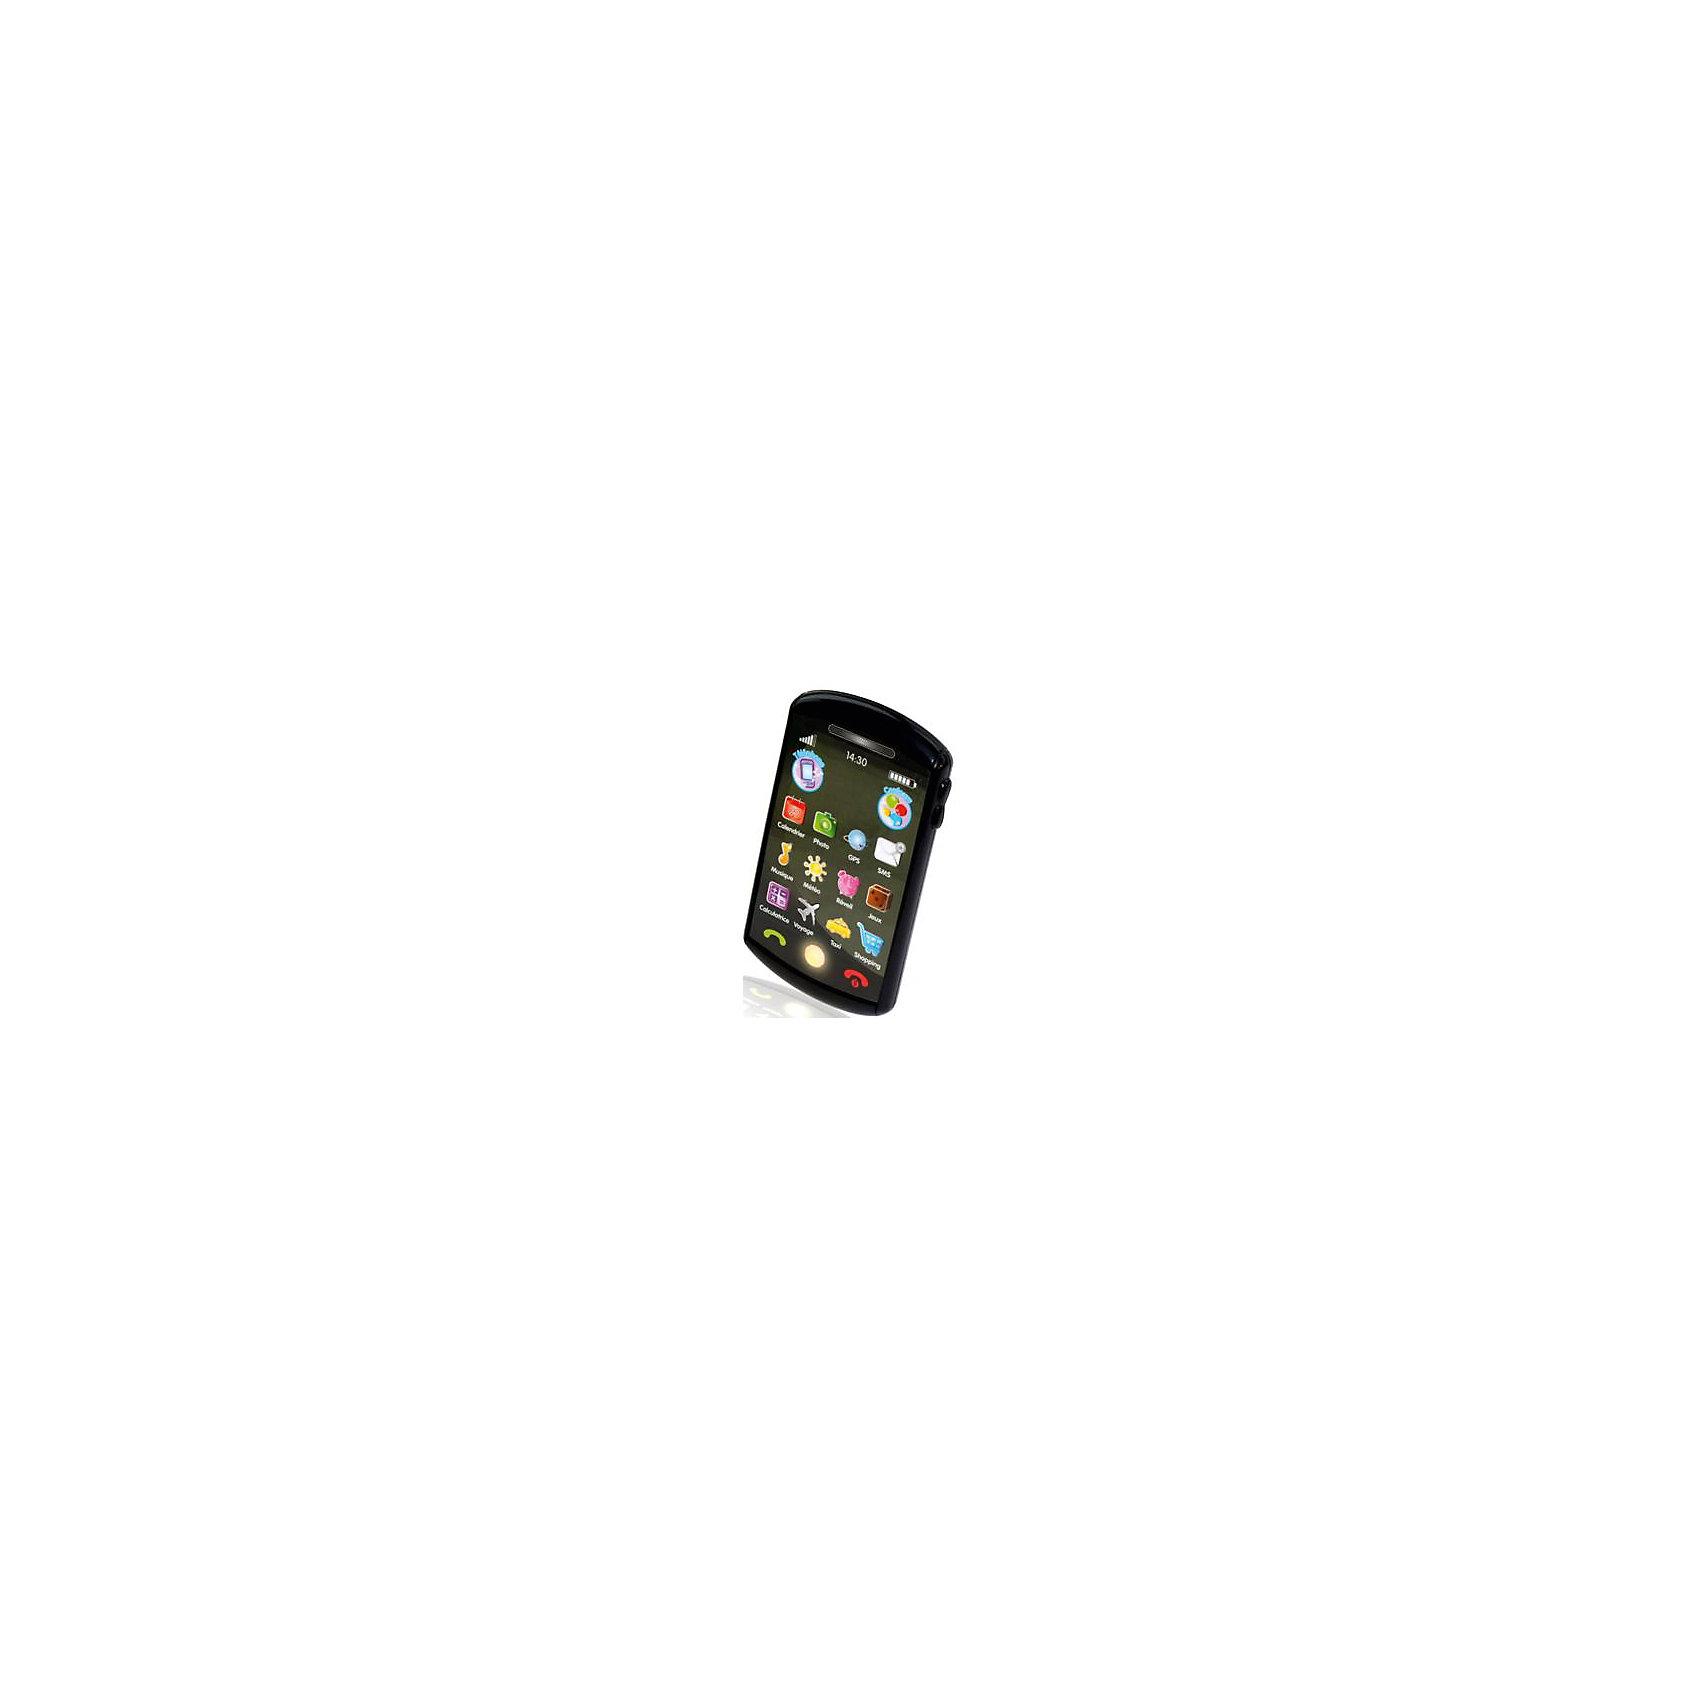 - Мини-смартфон Kidz Delight, 1toy интерактивный смартфон фрукты 1toy